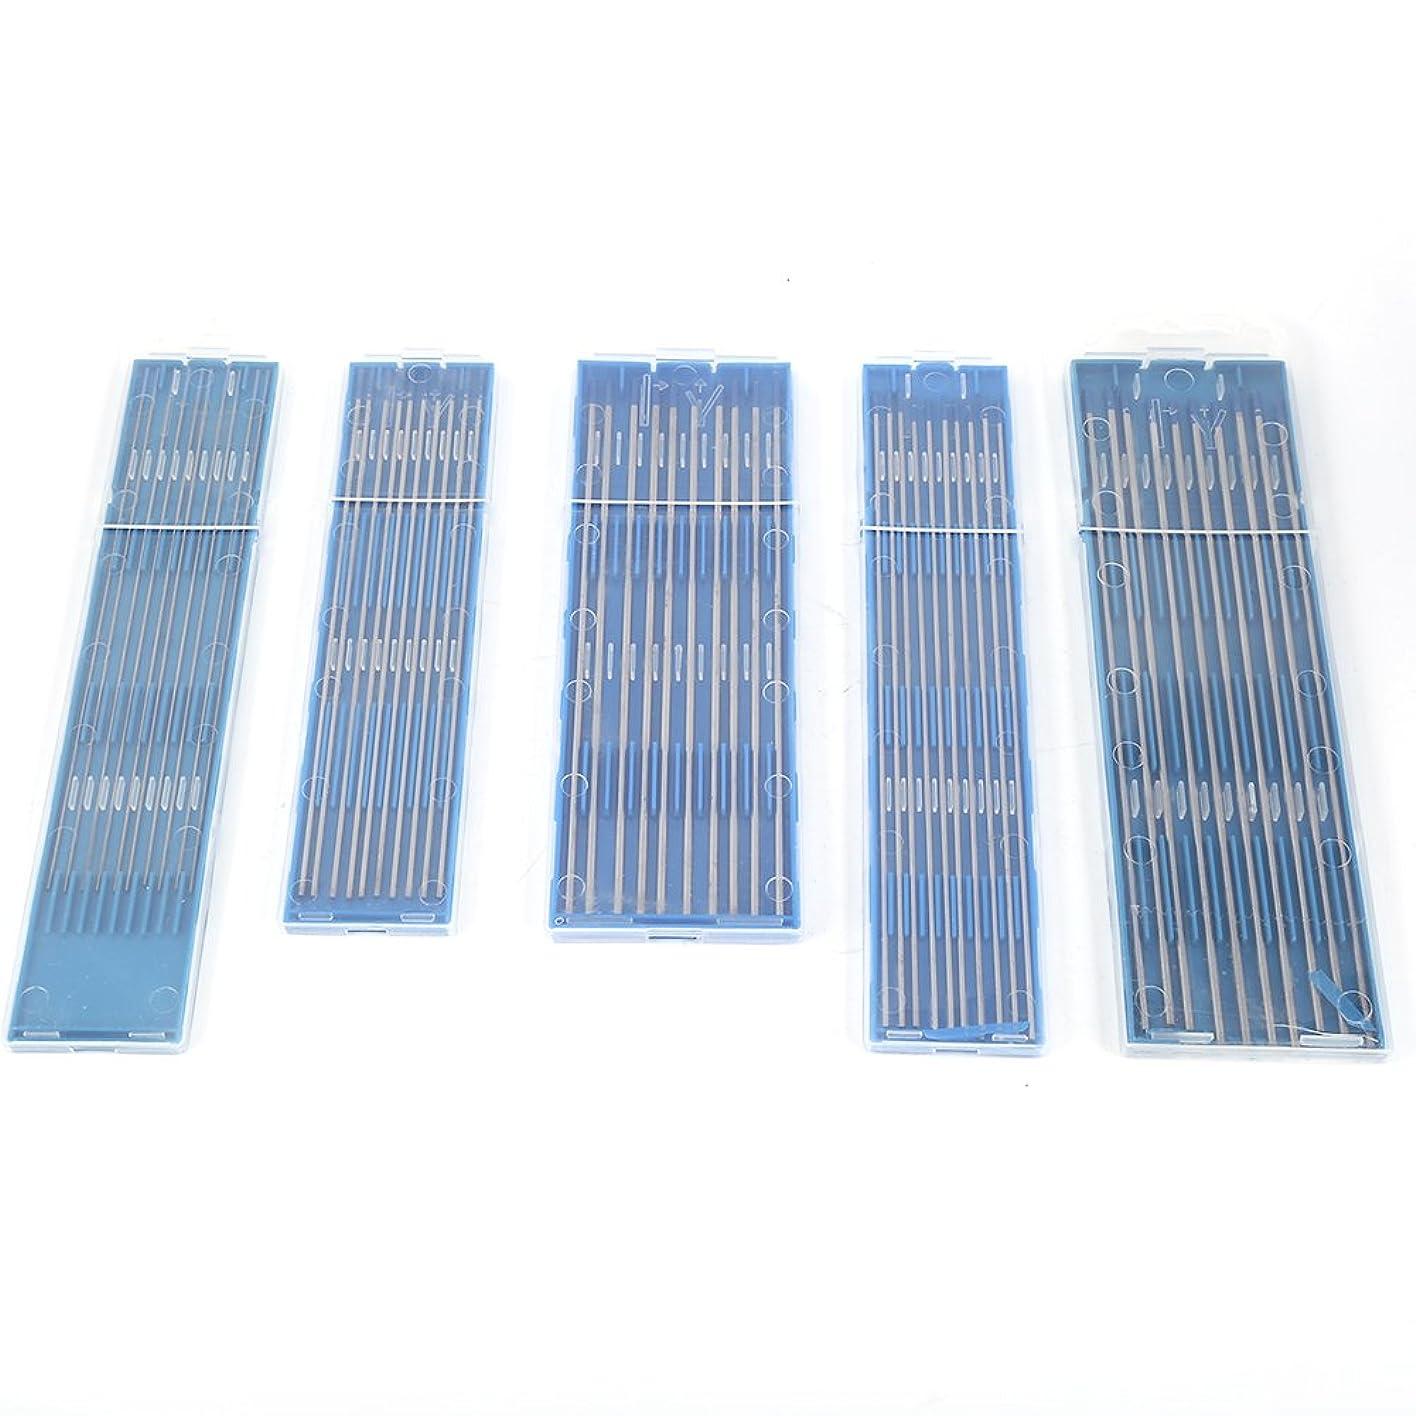 誇り破壊的セイはさておきタングステン電極棒 トリタン TIG 溶接 1.0 x 150mm /1.6 x 150mm /2.4 x 150mm /1.6 x 175mm /2.4 x 175mm(選択可)(1.0 * 150mm)